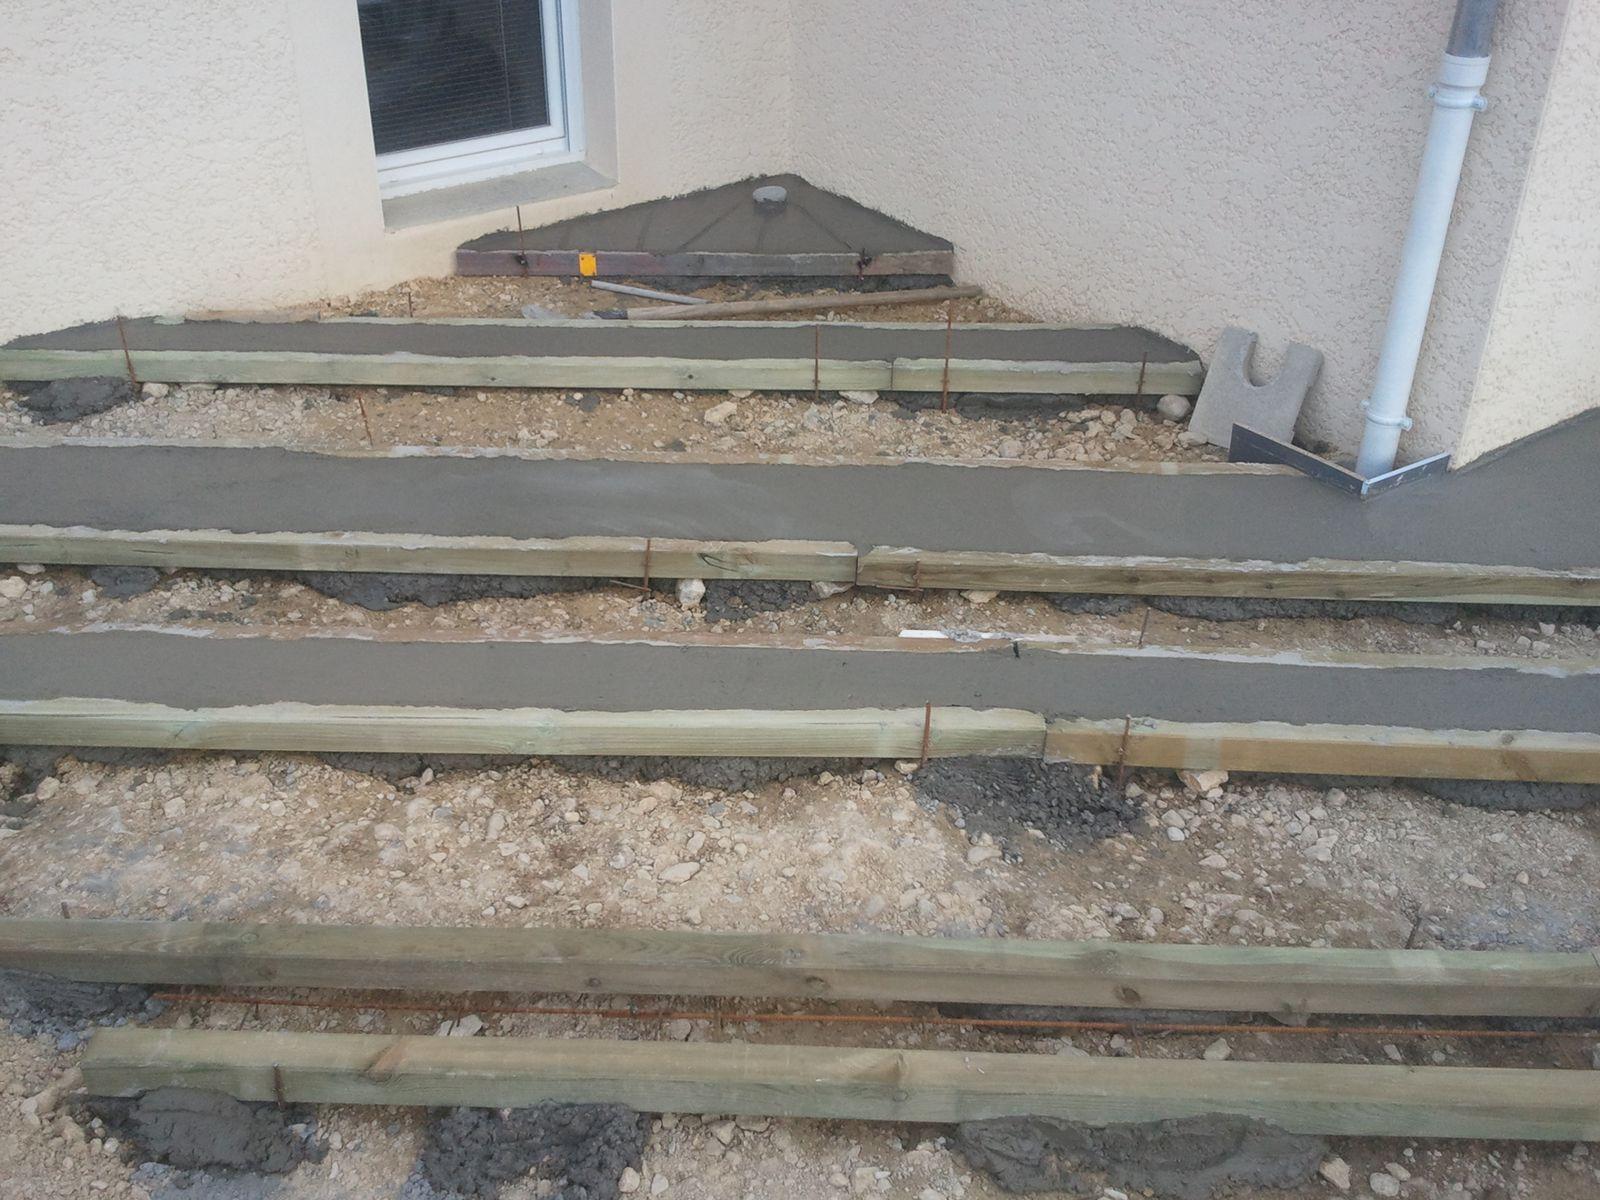 Elaboration dune terrasse bois sur longrines béton  Atelier Alex